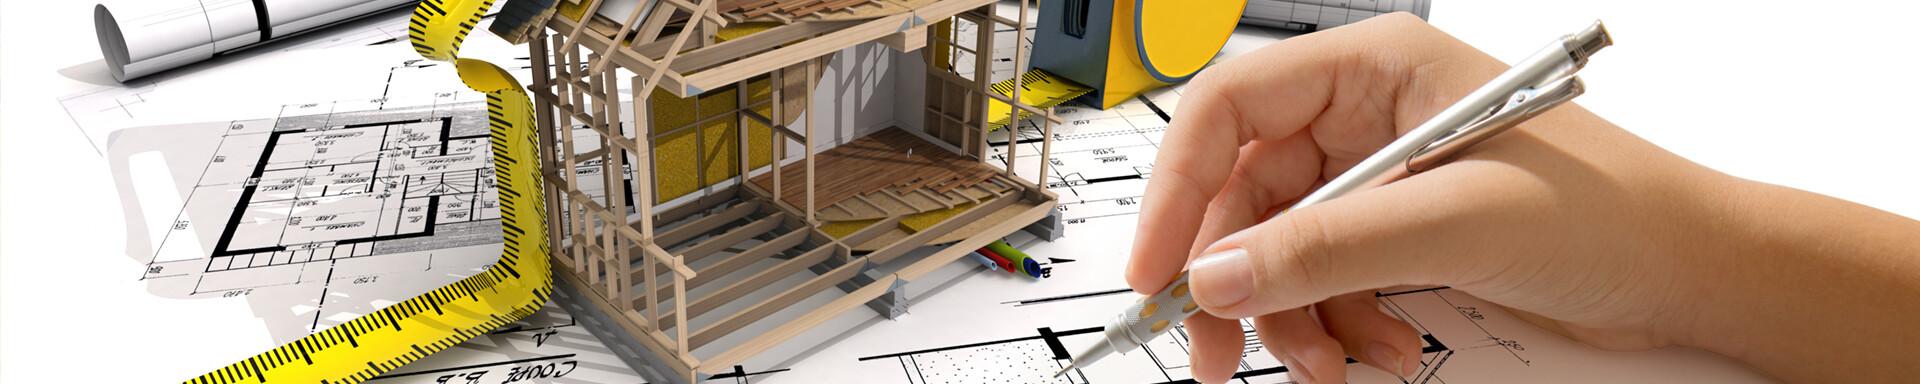 Jak wybrać dobry projekt architektoniczny z dachówką ceramiczną?